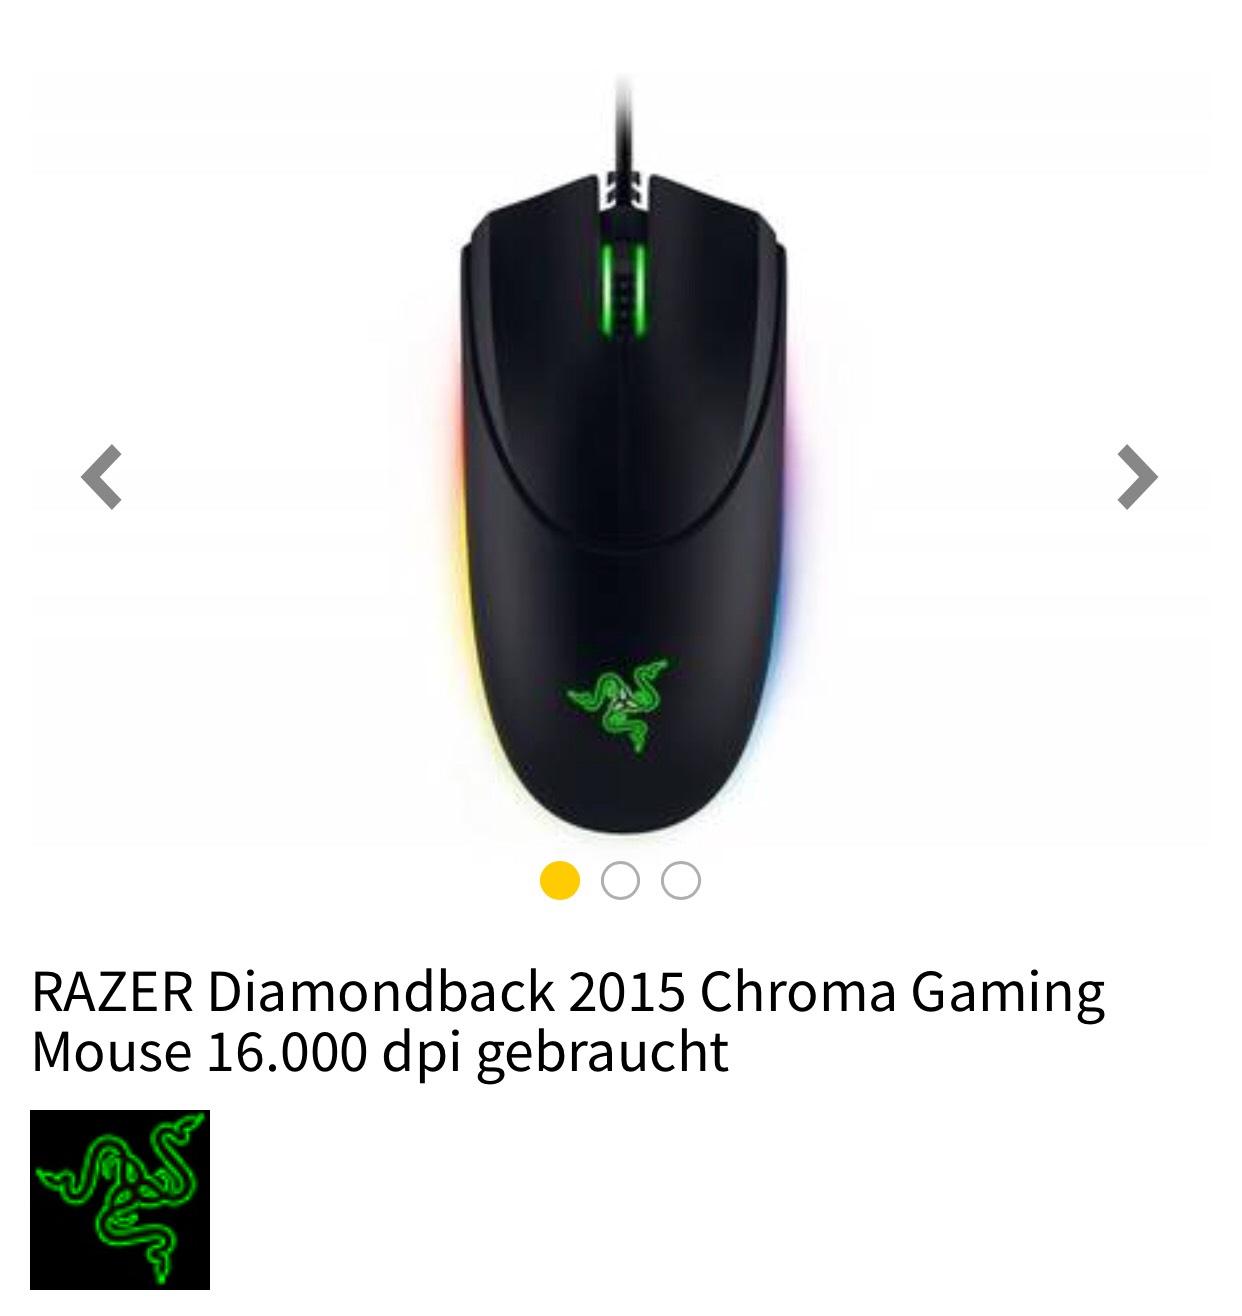 RAZER Diamondback 2015 Chroma Gaming Mouse